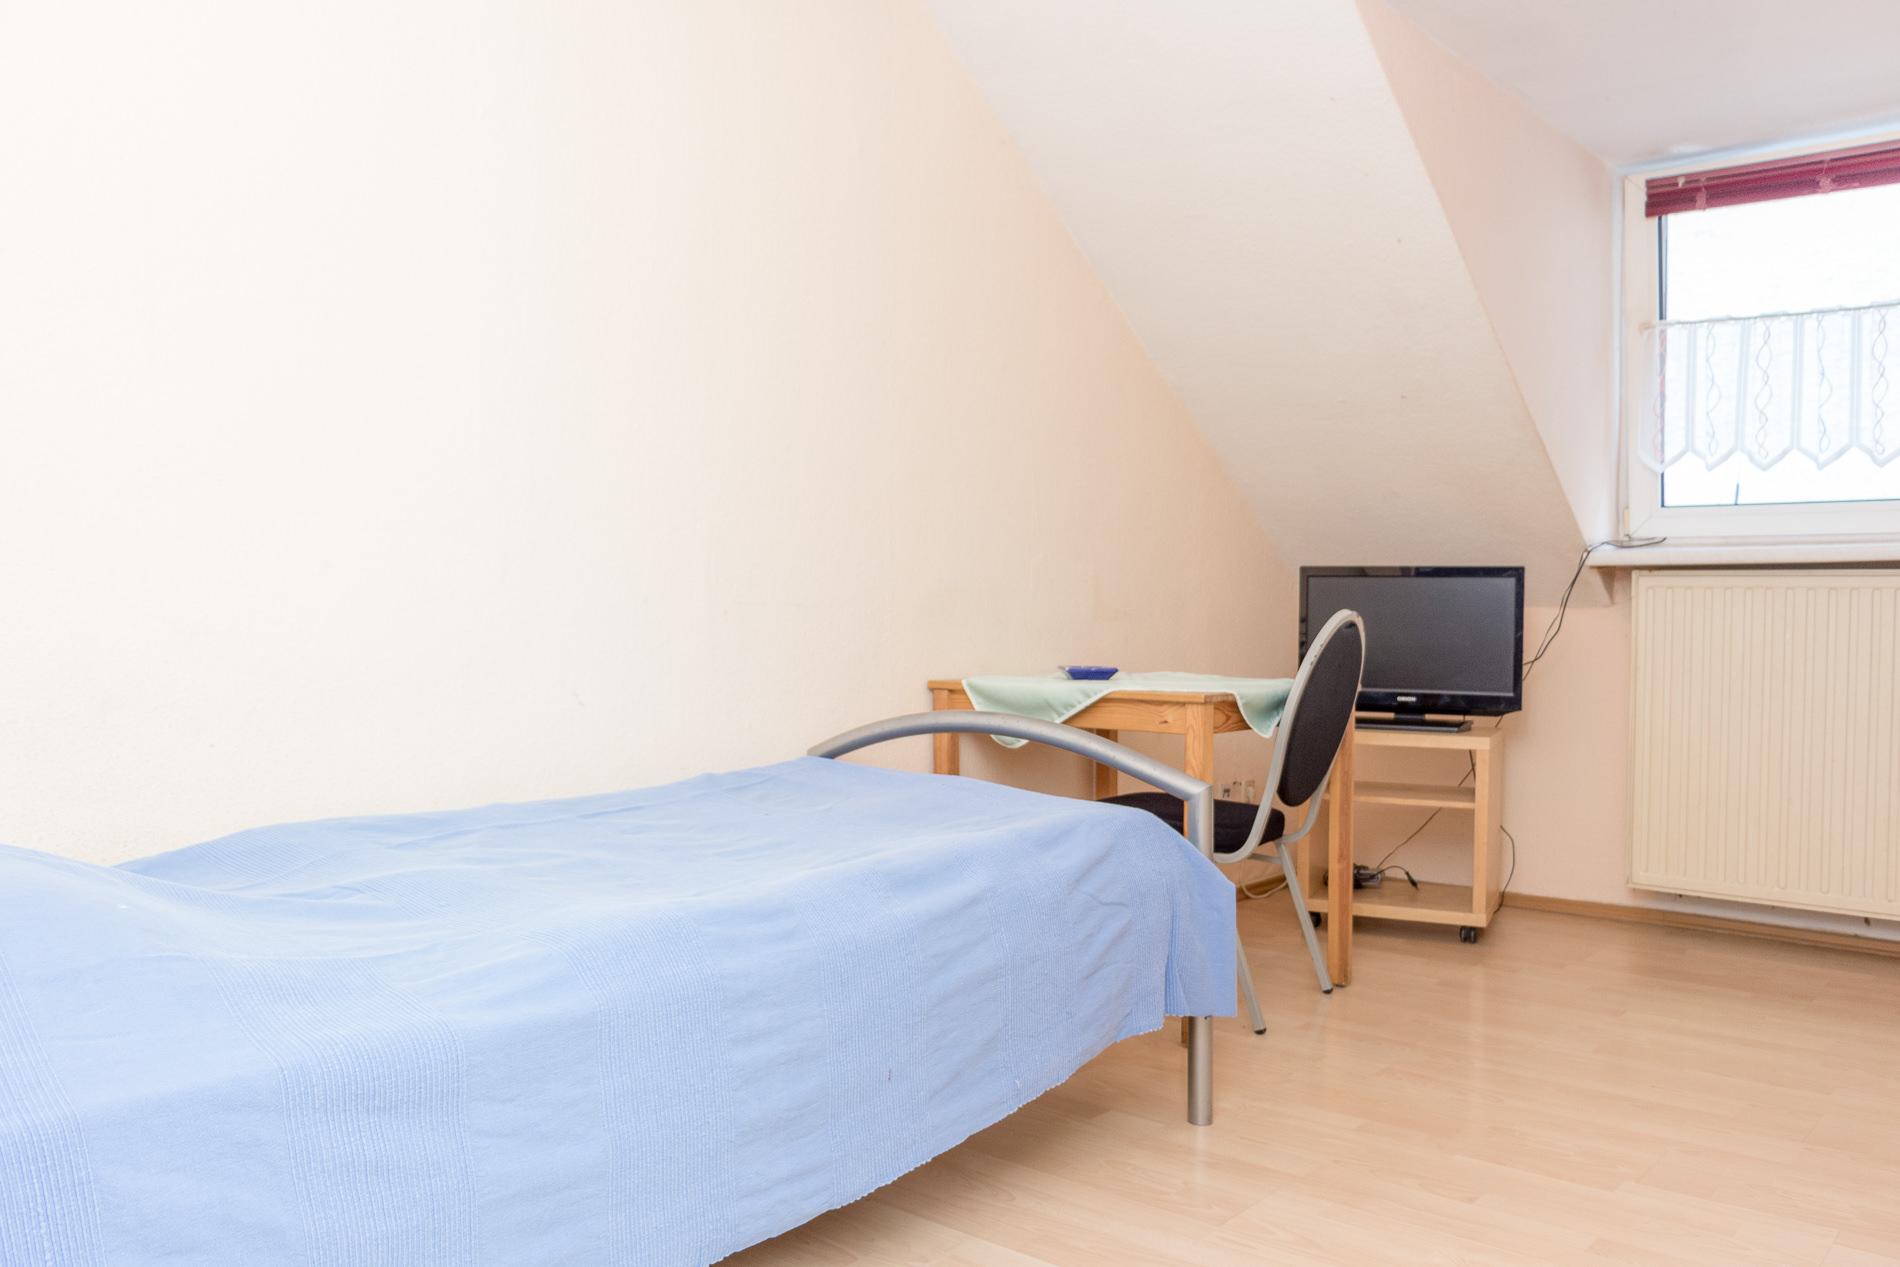 Schalfzimmer mit Kabelfernsehen Pension Dortmund